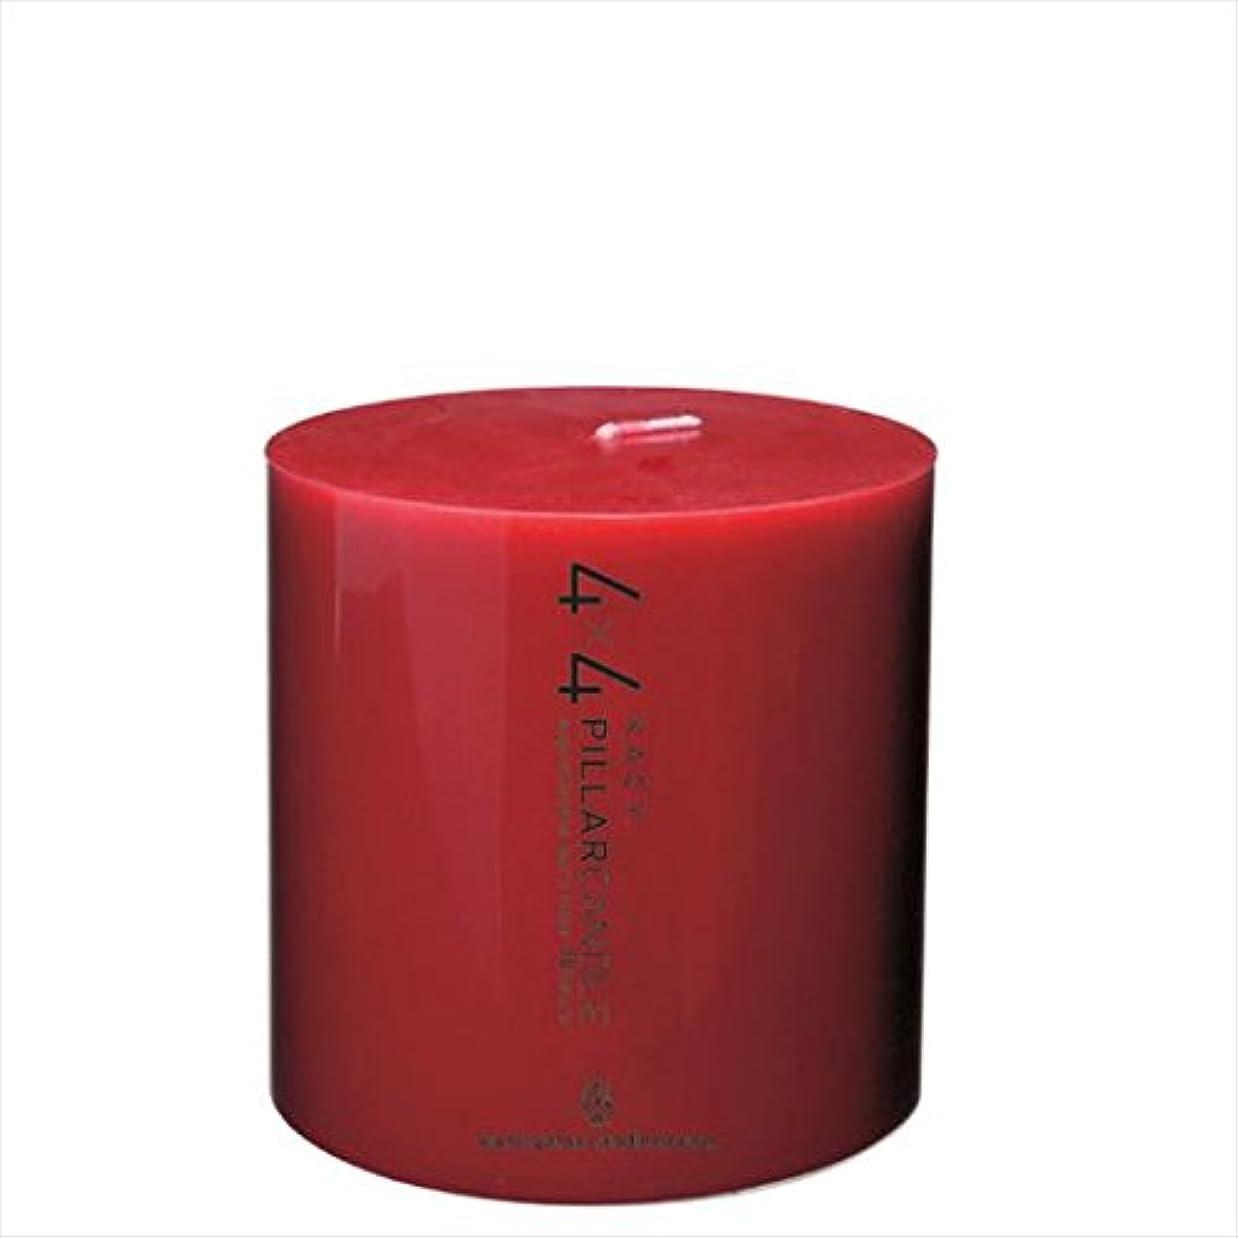 ミトン利用可能先駆者カメヤマキャンドル(kameyama candle) 4×4ピラーキャンドル 「 レッド 」